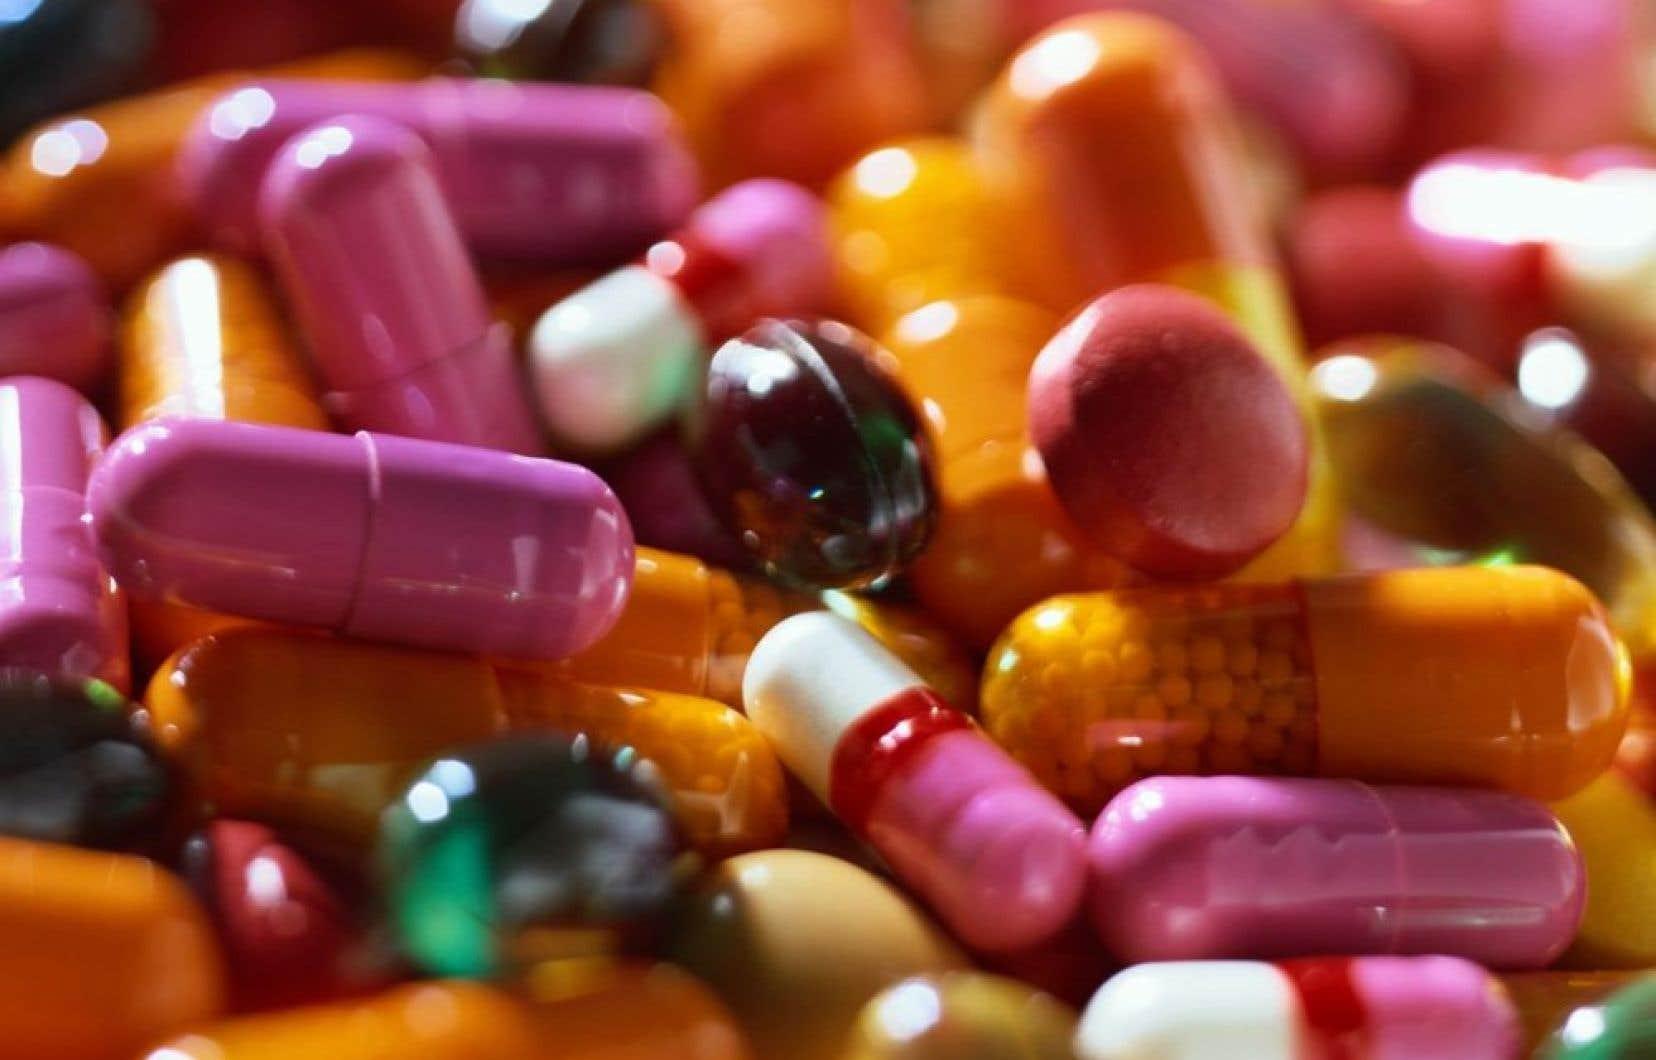 Les pharmaciens seront autorisés à prescrire certains médicaments.